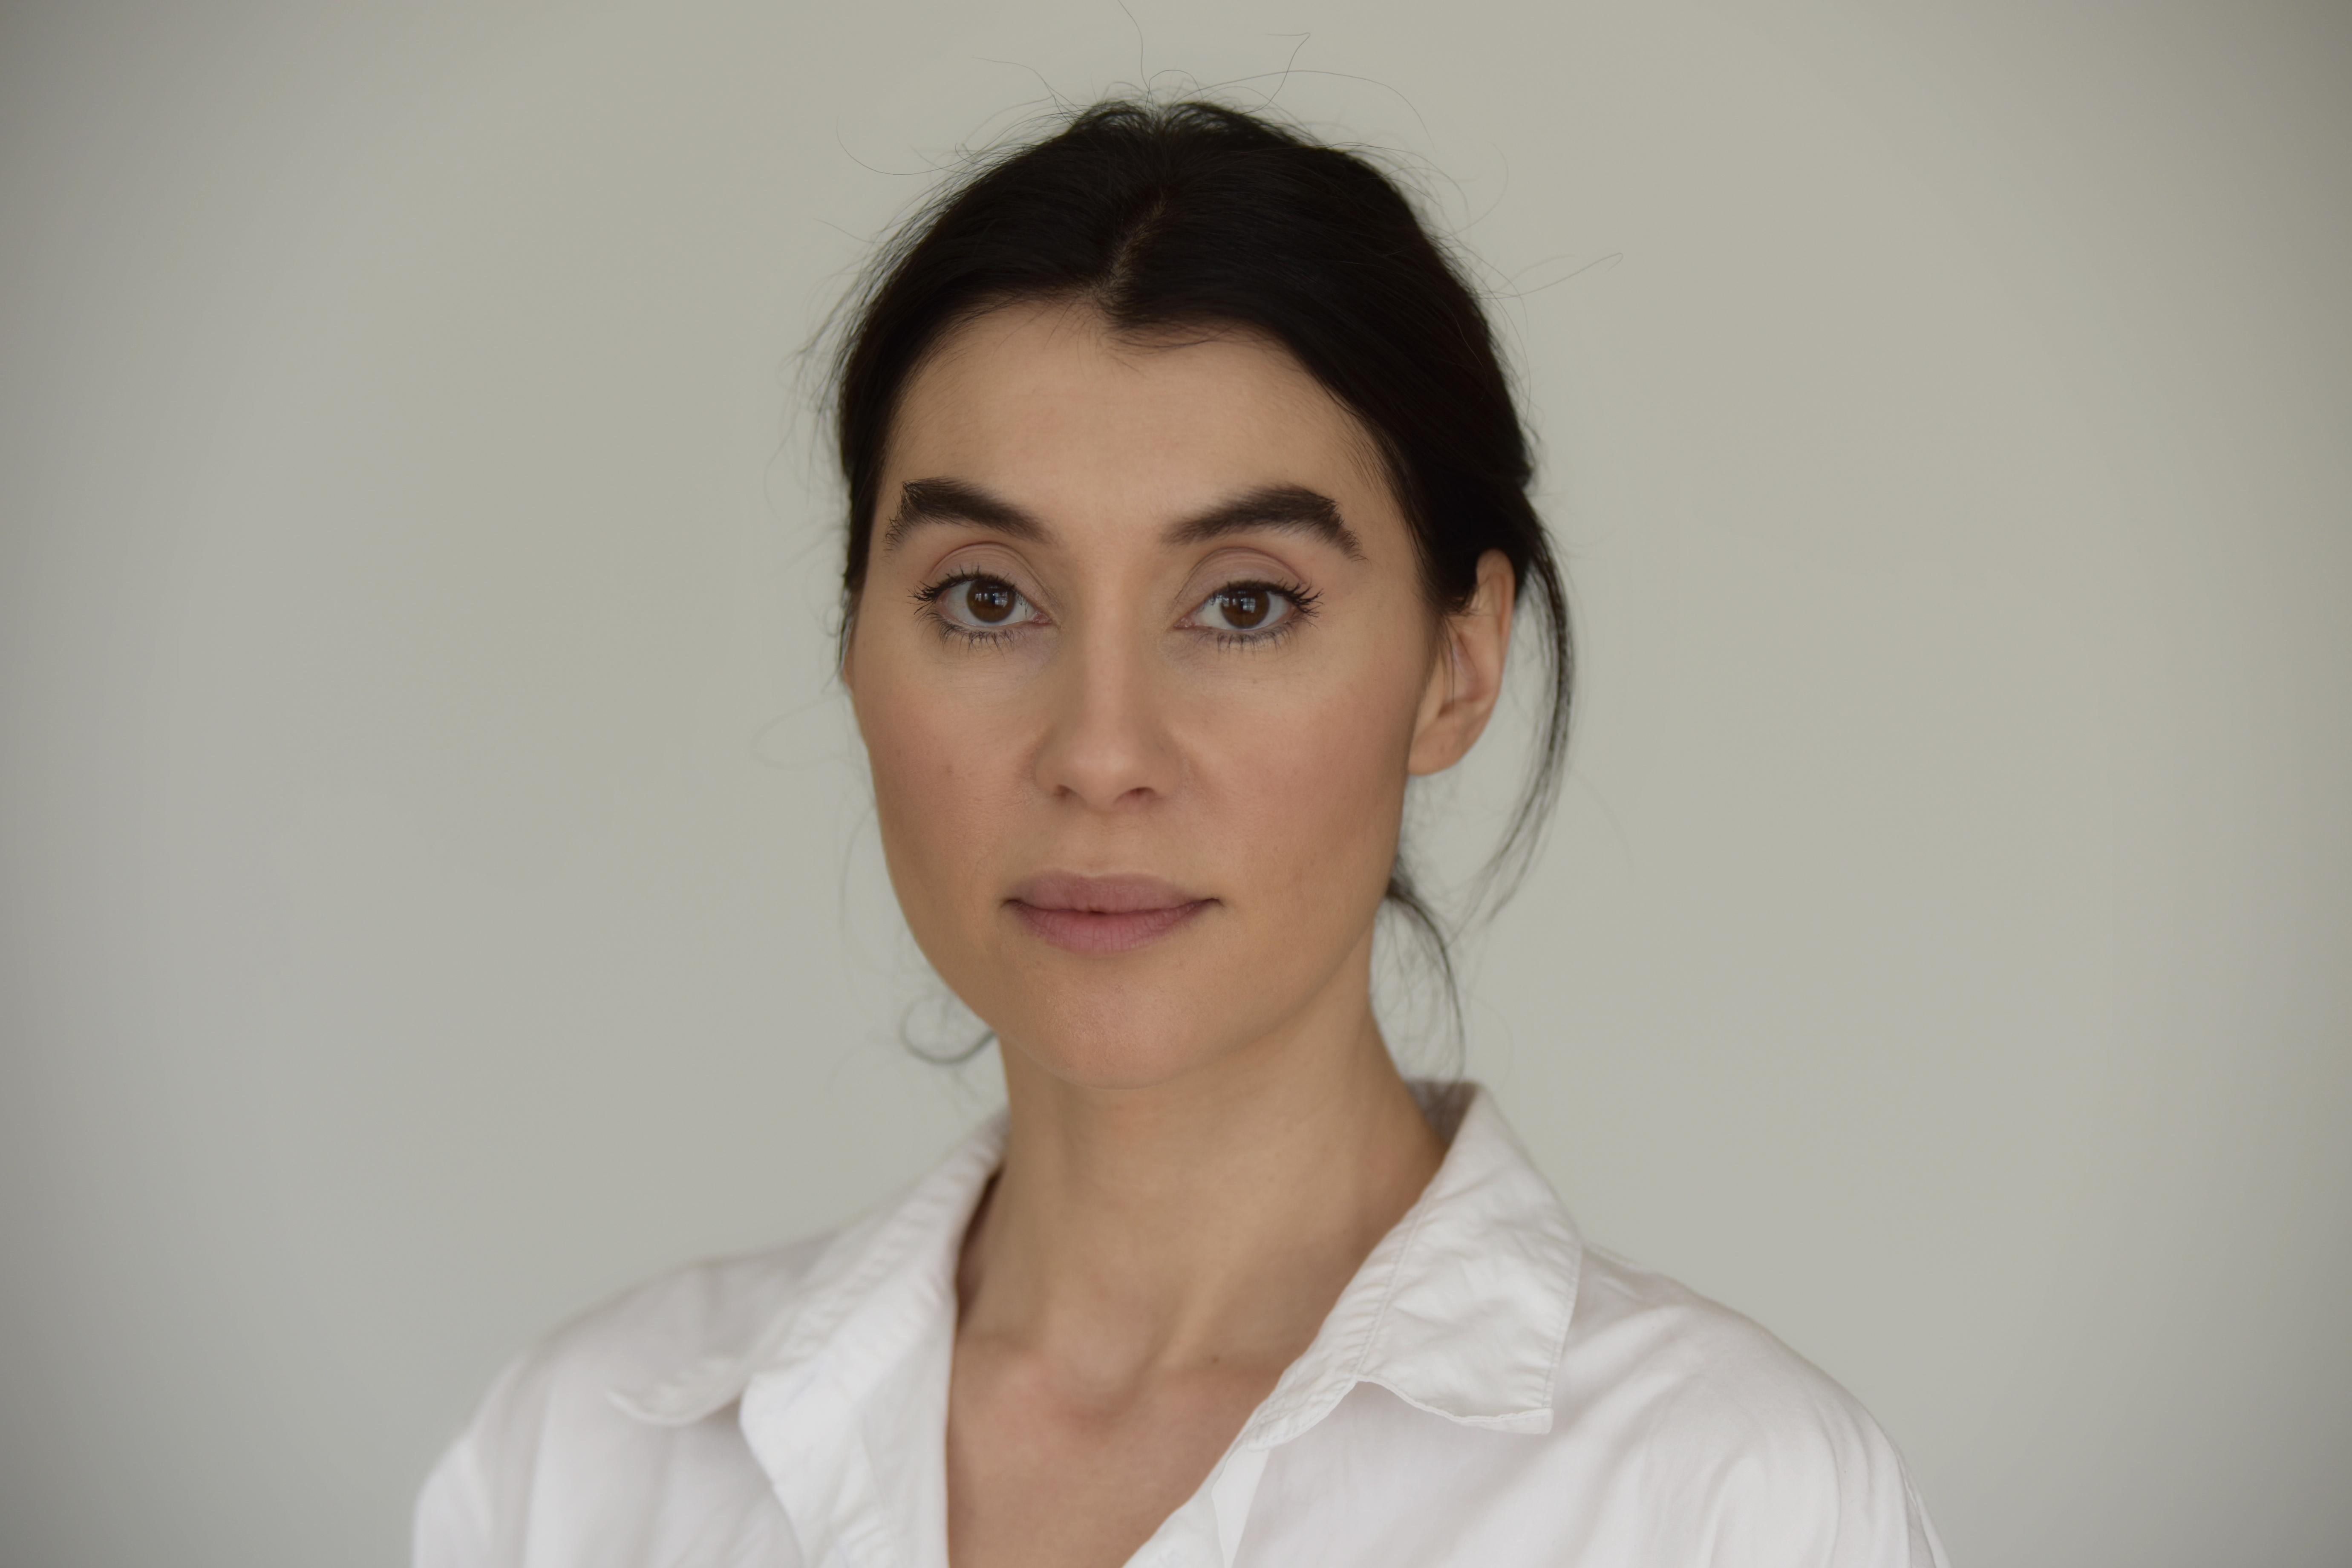 Meda Andreea Victor Imdb